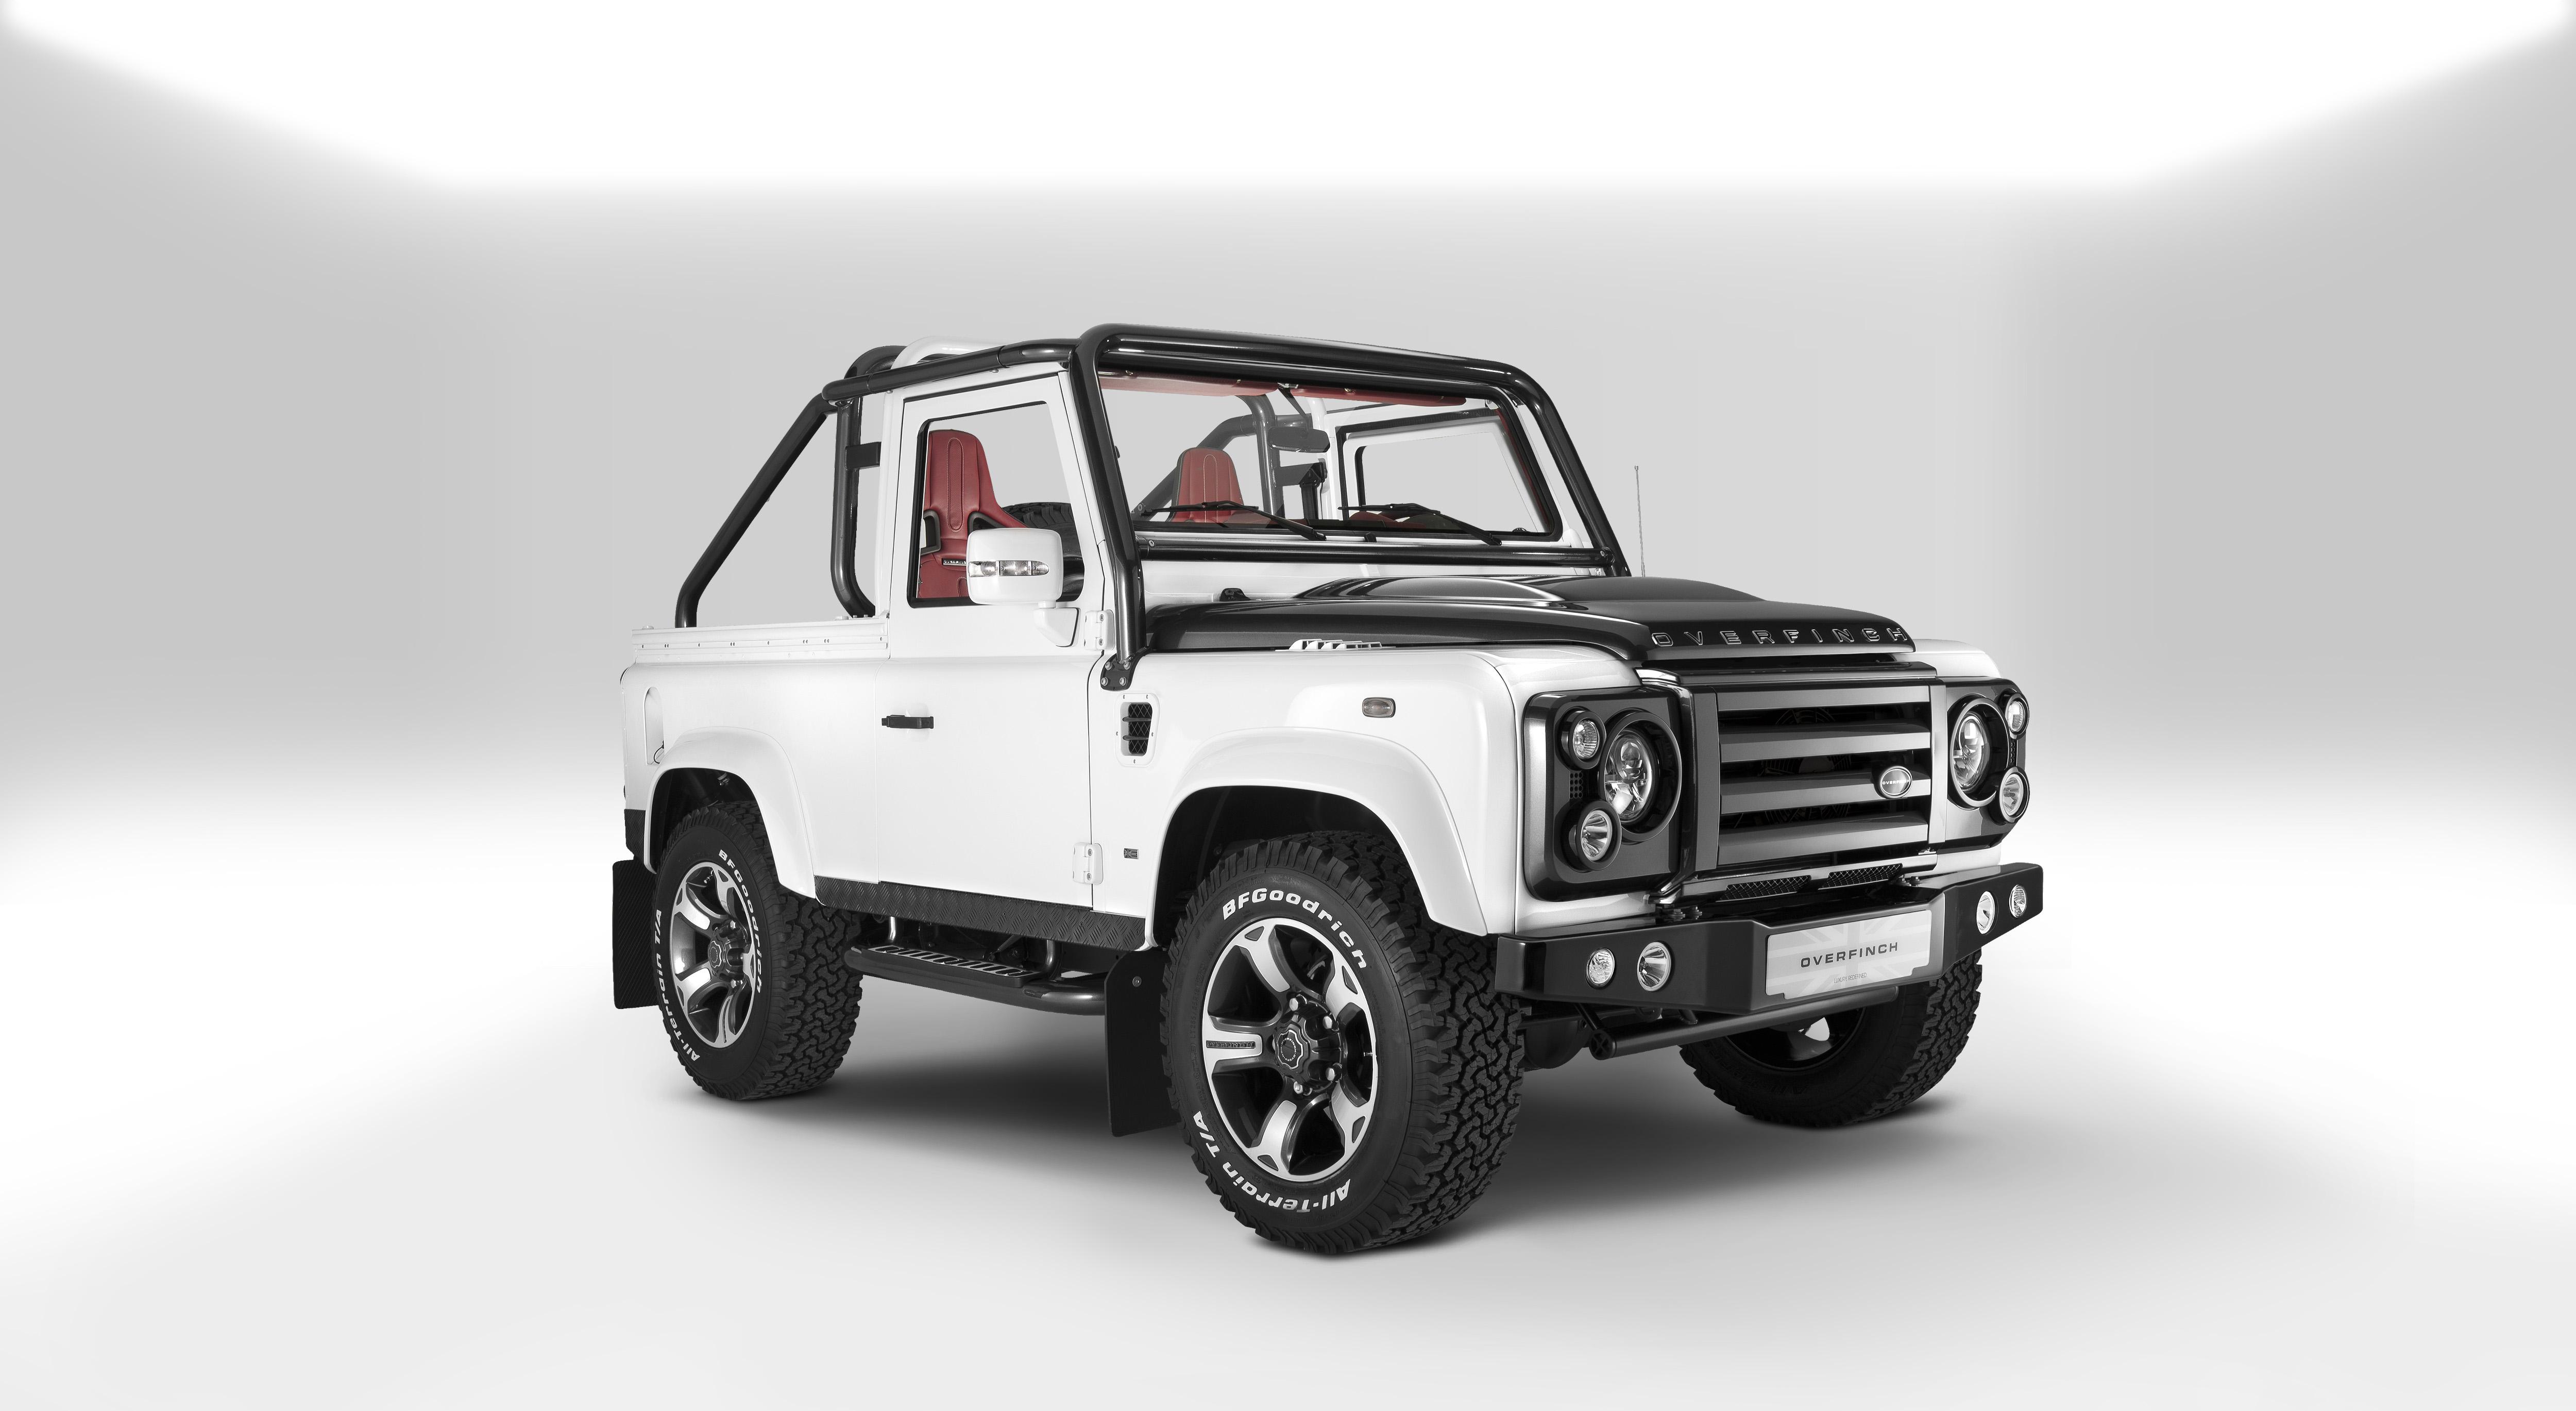 Increíble Land Rover Defender hecha a la medida